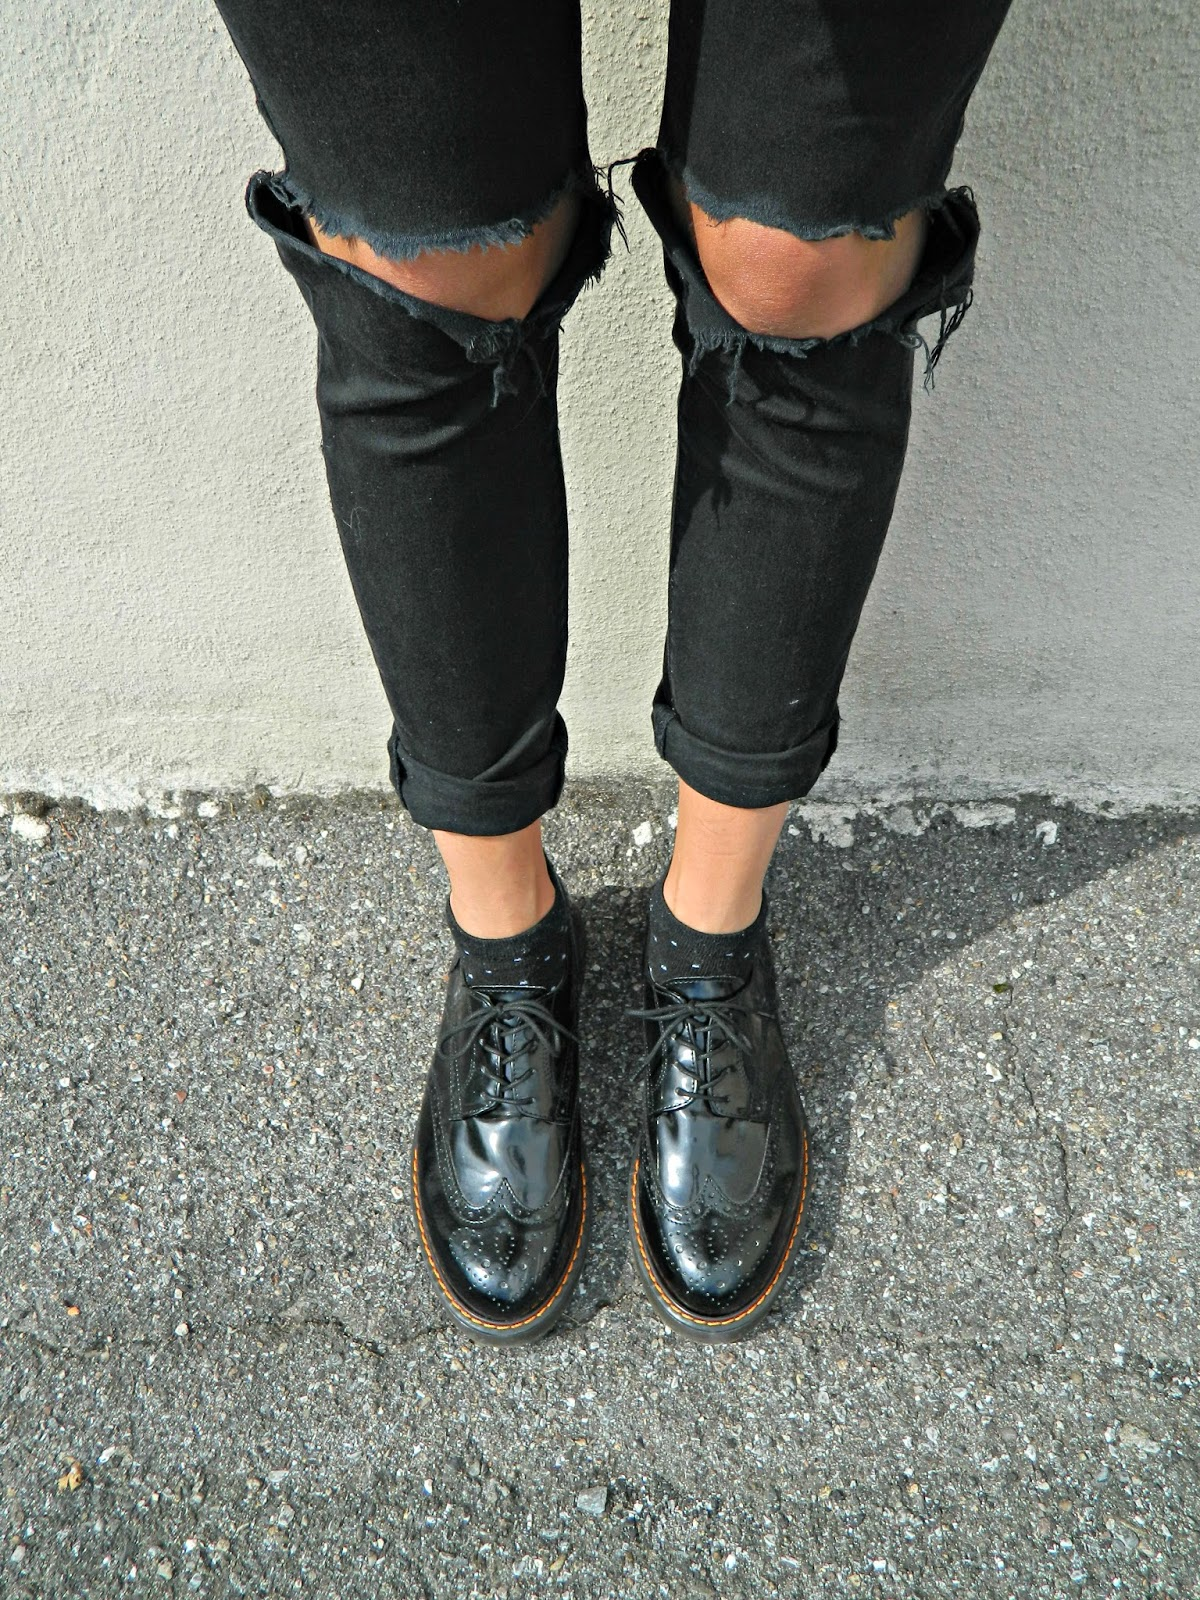 Acquista scarpe ritmo shoes OFF57% sconti